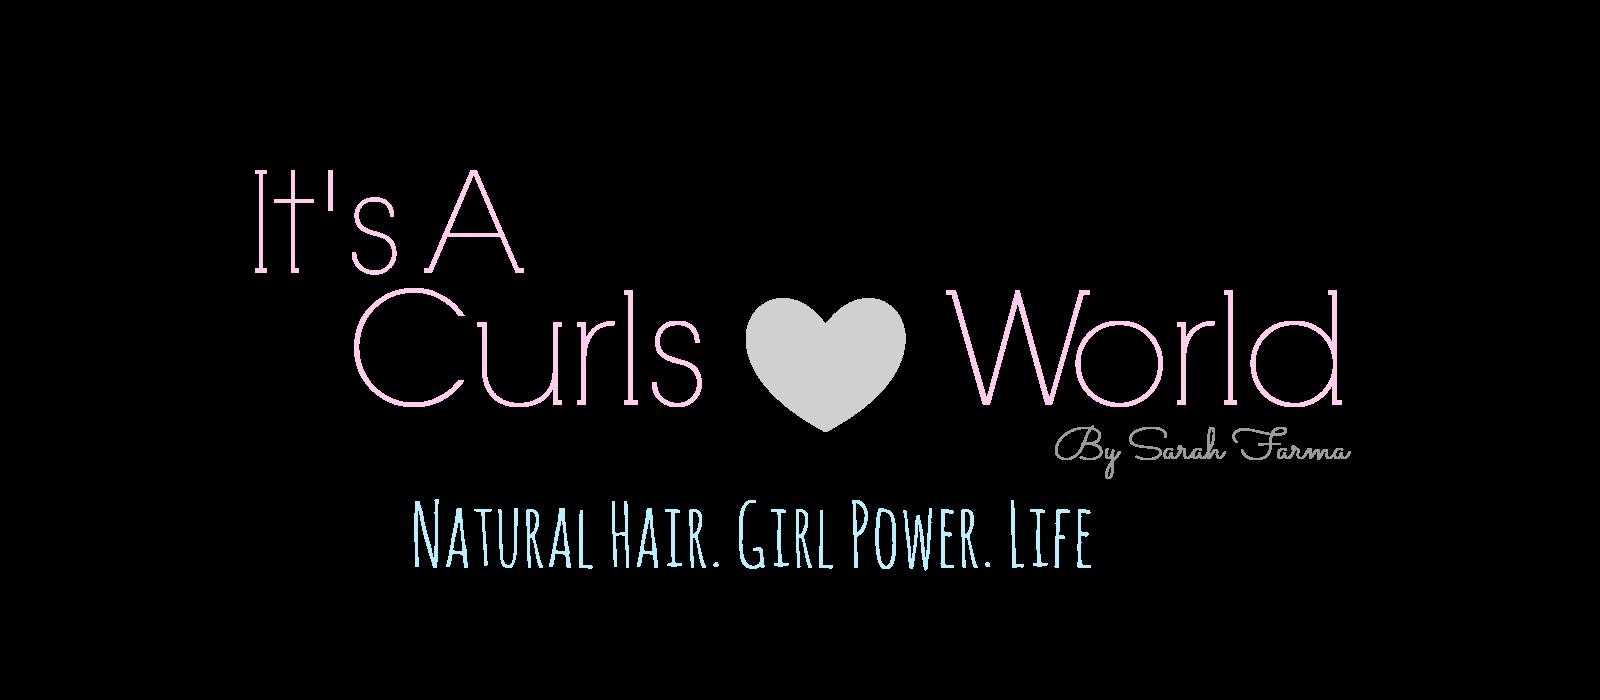 It's A Curls World